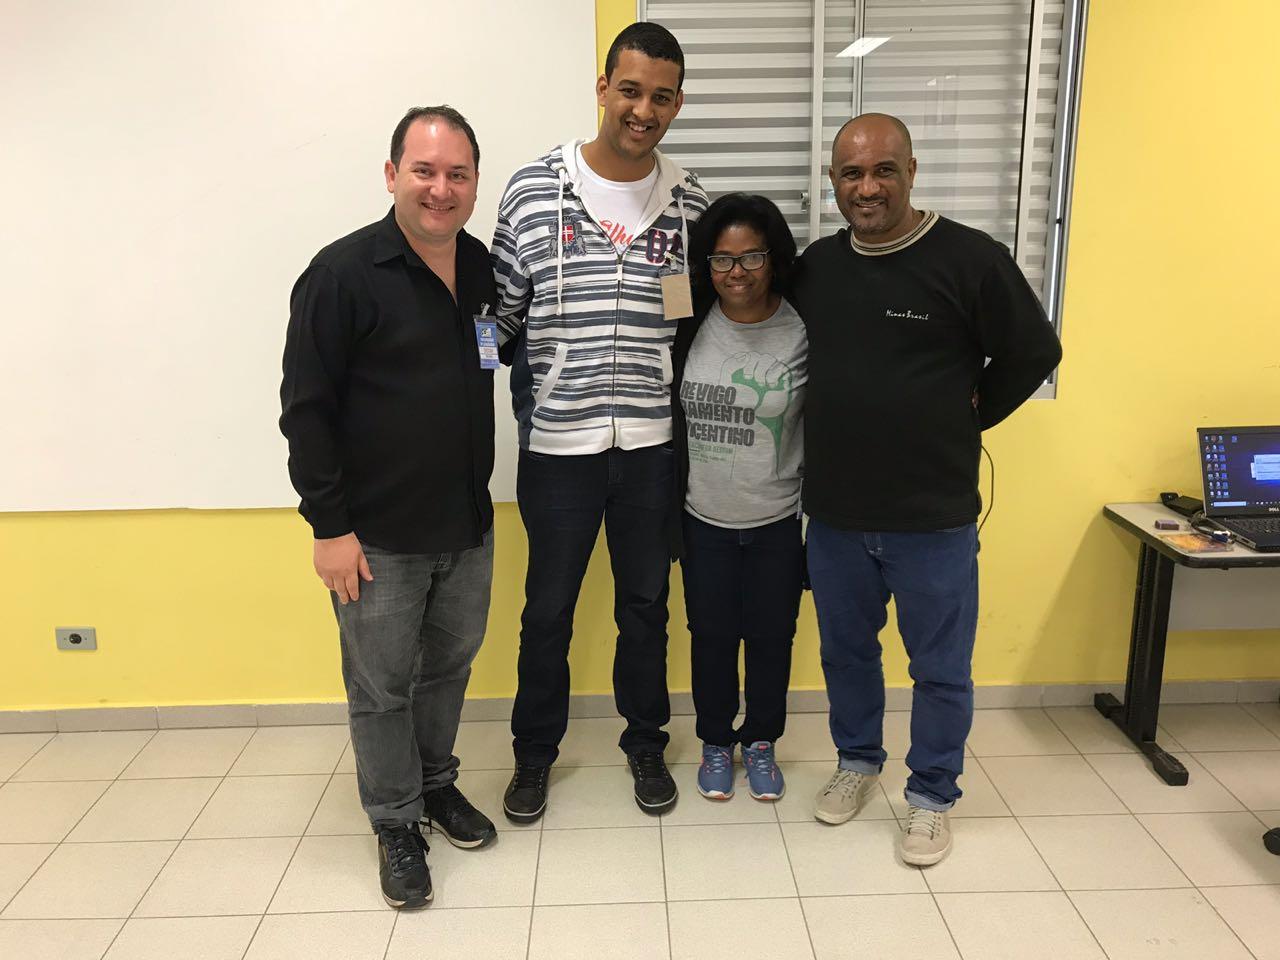 Alberto Pires, segundo da esquerda para direita, ao lado do Presidente Nacional da SSVP, Cristian Reis, a vice-presidente Nacional, Neuza Gomes, e o vice-presidente regional, Orlando Inácio.